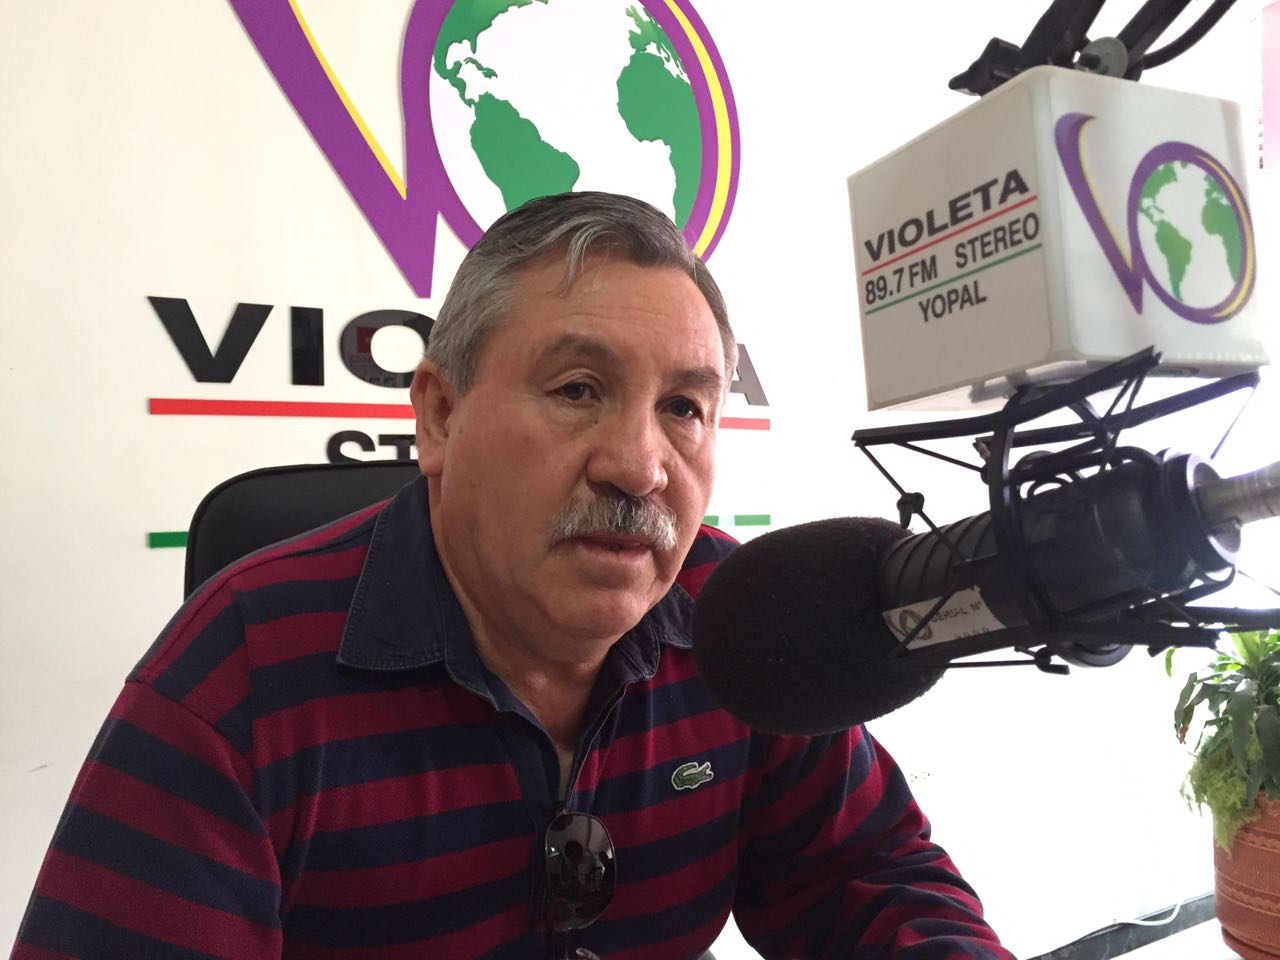 #EnAudio Luis Alfredo Ramos estará en #Yopal la próxima semana en evento académico